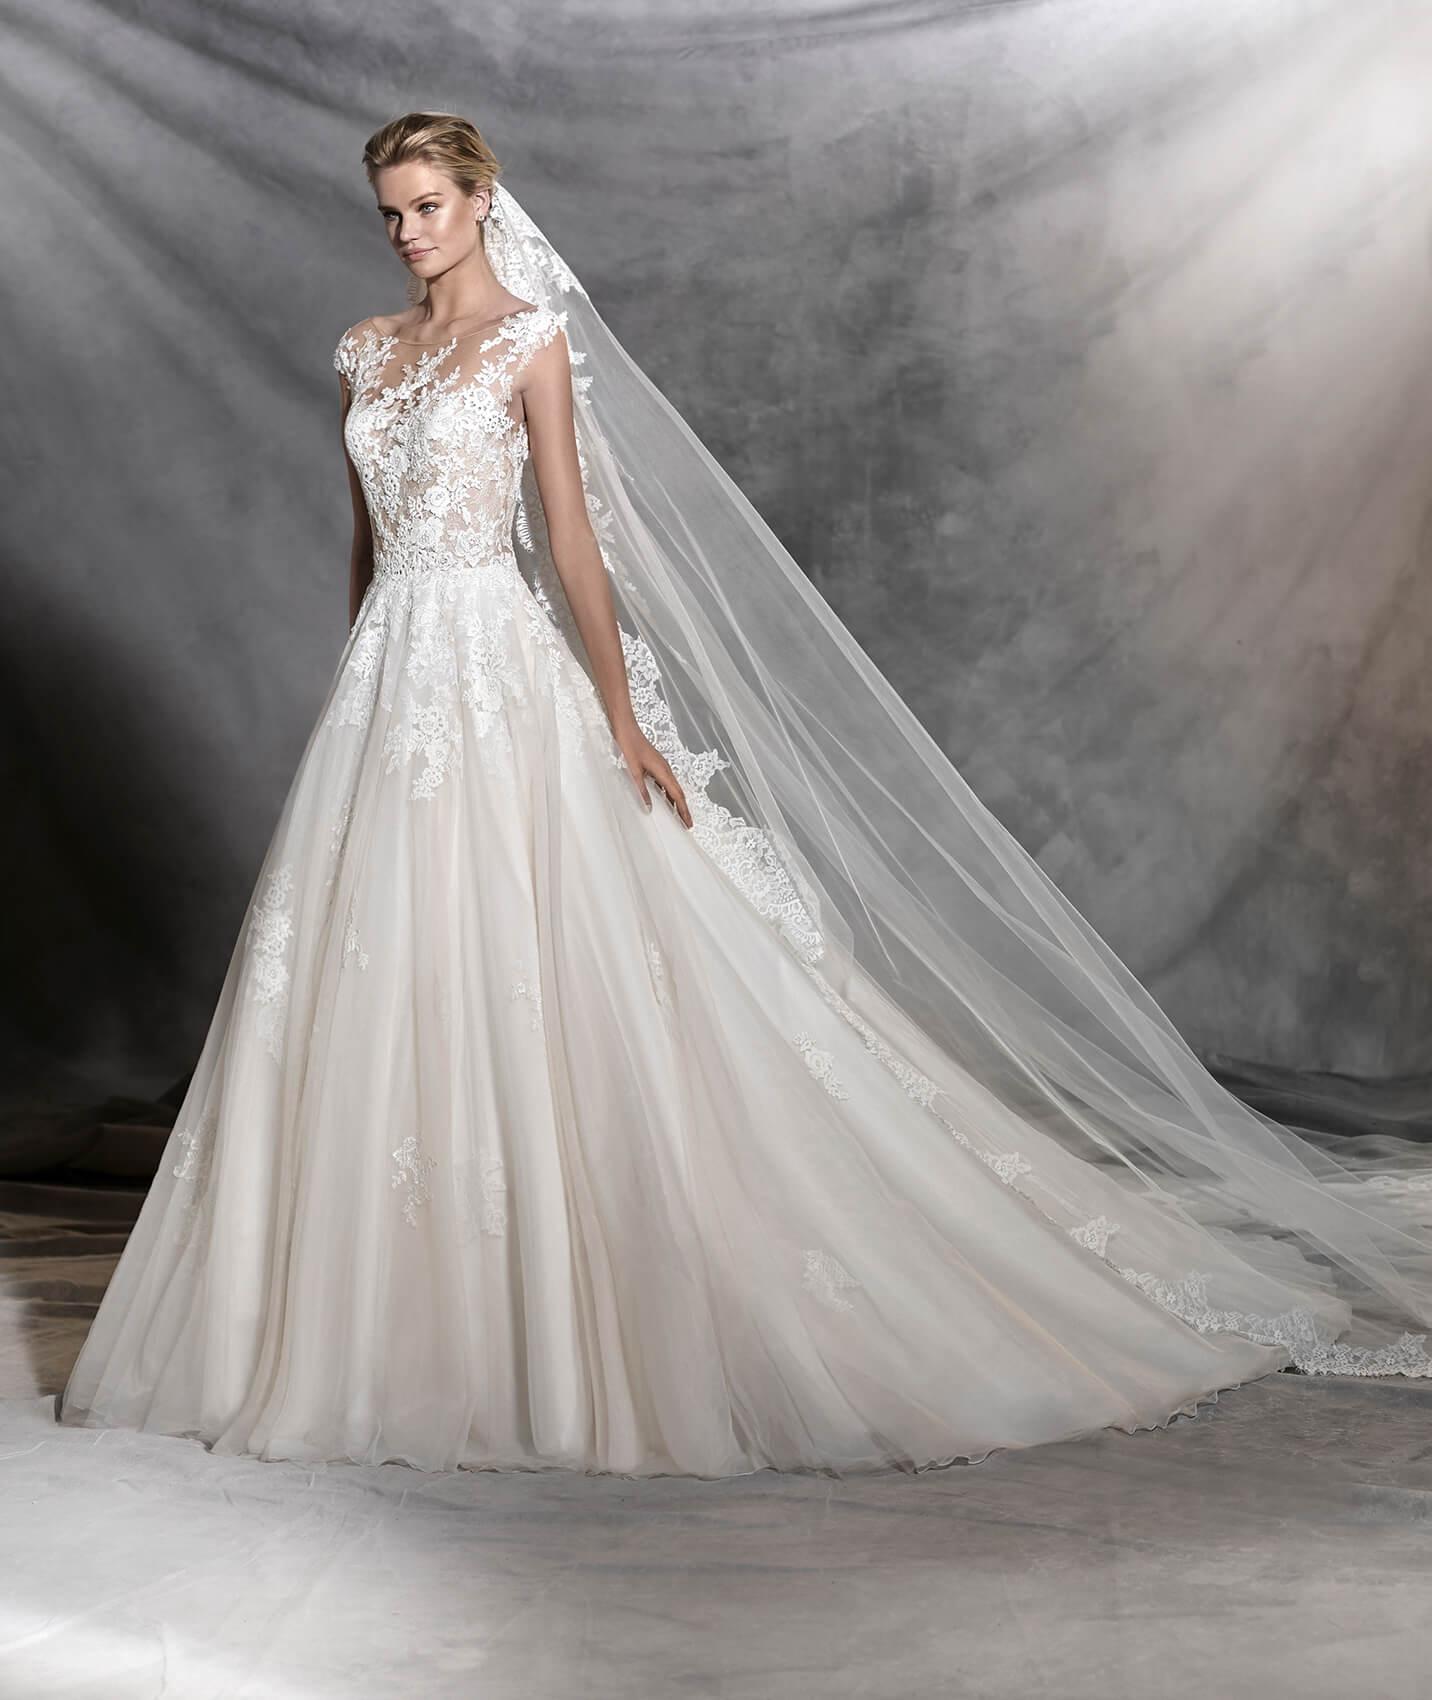 Ofelia cвадебные платья